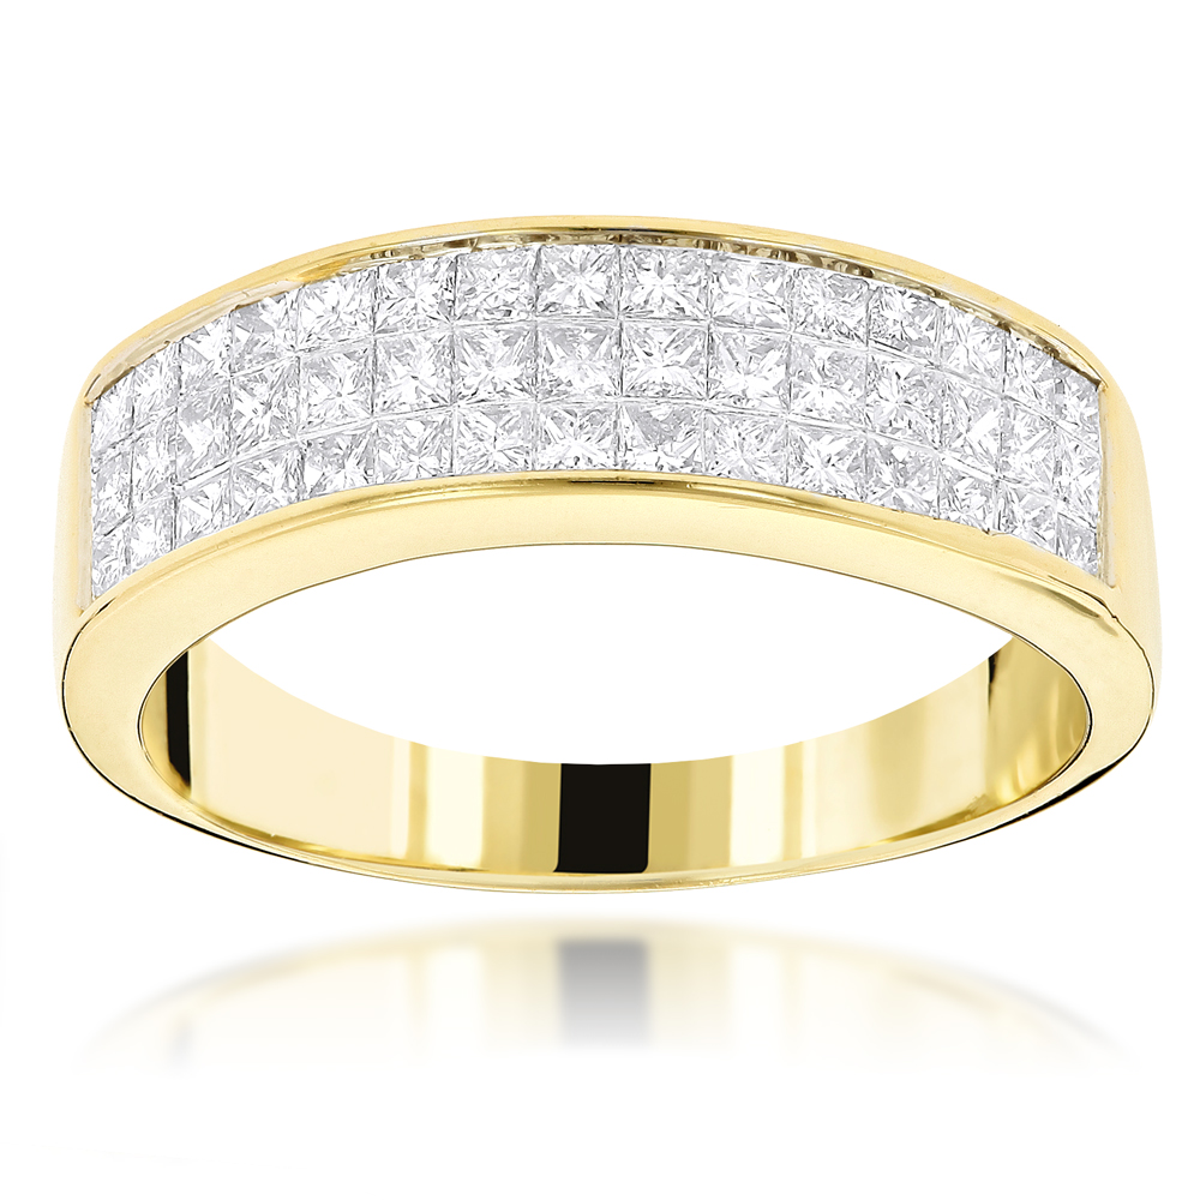 14K Gold Princess Cut Diamond Wedding Band Invisible Set Ring 1.25ct